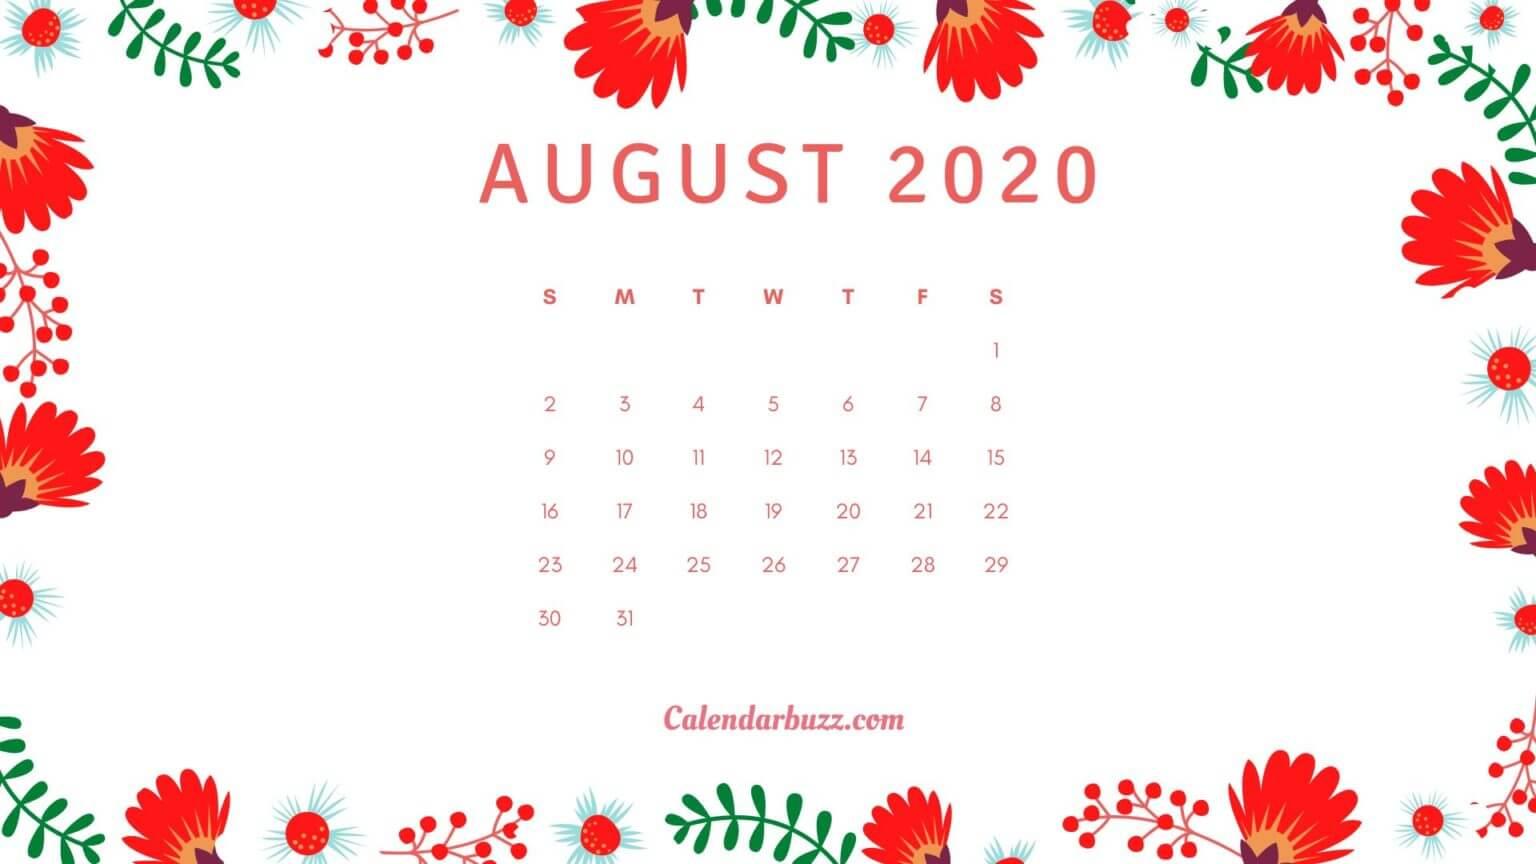 August 2020 Floral Calendar Wallpaper